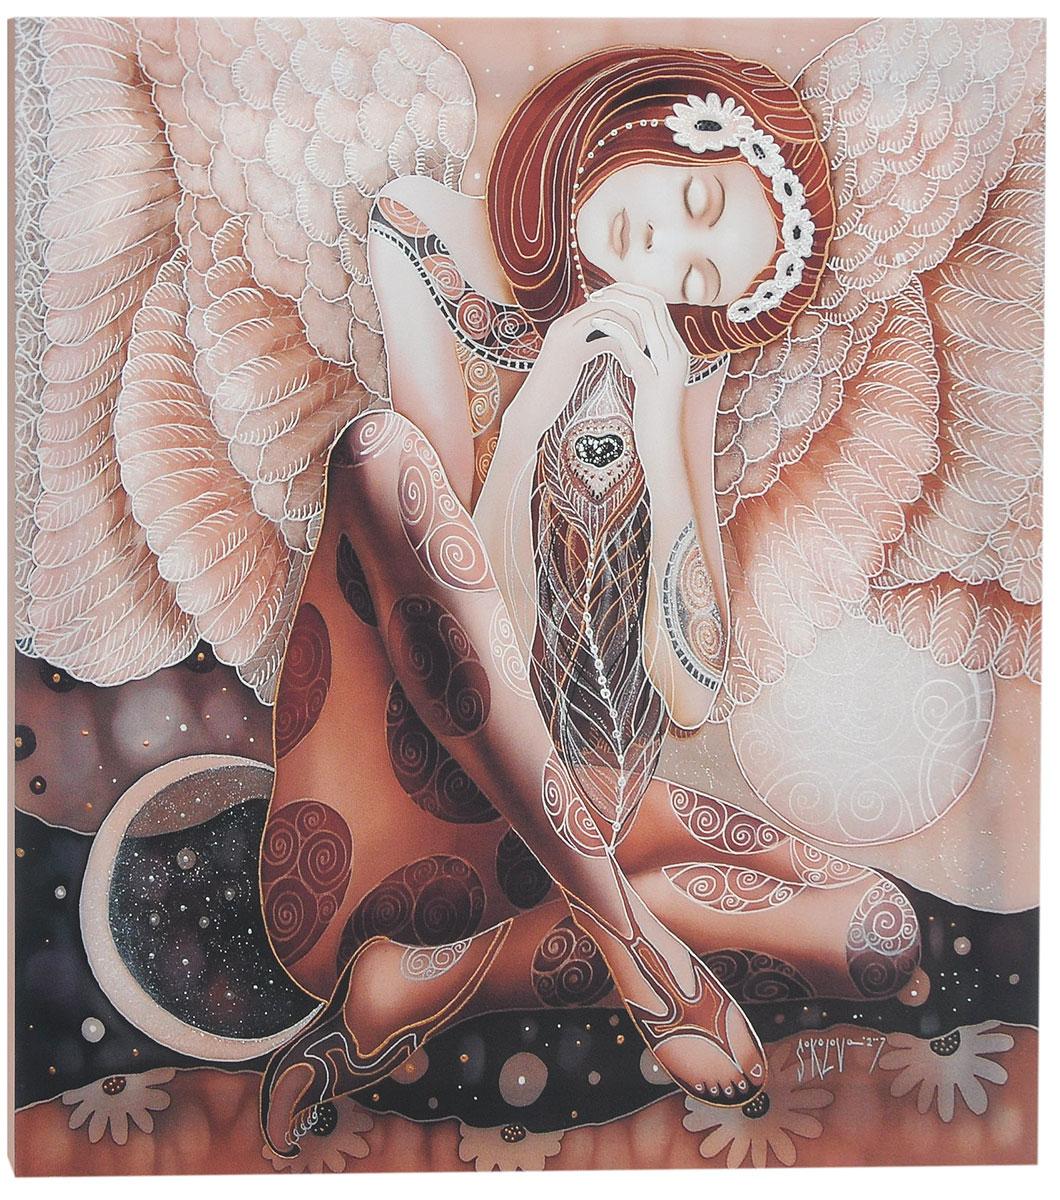 КвикДекор Картина детская День и ночьAP-00806-00022-Cn5050Картина КвикДекор День и ночь - это прекрасное украшение для вашей гостиной, детской или спальни. Она привнесет в интерьер яркий акцент и сделает обстановку комфортной и уютной. Автор картины - Надежда Соколова - родилась в 1973 году в городе Дрездене. В 1986-1990 годах училась в Художественной школе города Новгорода. В 1995 году окончила с отличием рекламное отделение Новгородского училища культуры. В 2000 году защитила диплом на факультете Искусств и Технологий НовГУ имени Ярослава Мудрого. Выставляется с 1996 года. Работает в техниках: живопись, графика, батик, лаковая миниатюра, авторская кукла. Является автором оригинального стиля в миниатюре. Изделие представляет собой картину с латексной печатью на натуральном хлопчатобумажном холсте. Галерейная натяжка на деревянный подрамник выполнена очень аккуратно, а боковые части картины запечатаны тоновой заливкой. Обратная сторона подрамника содержит отверстие, благодаря которому картину можно легко...